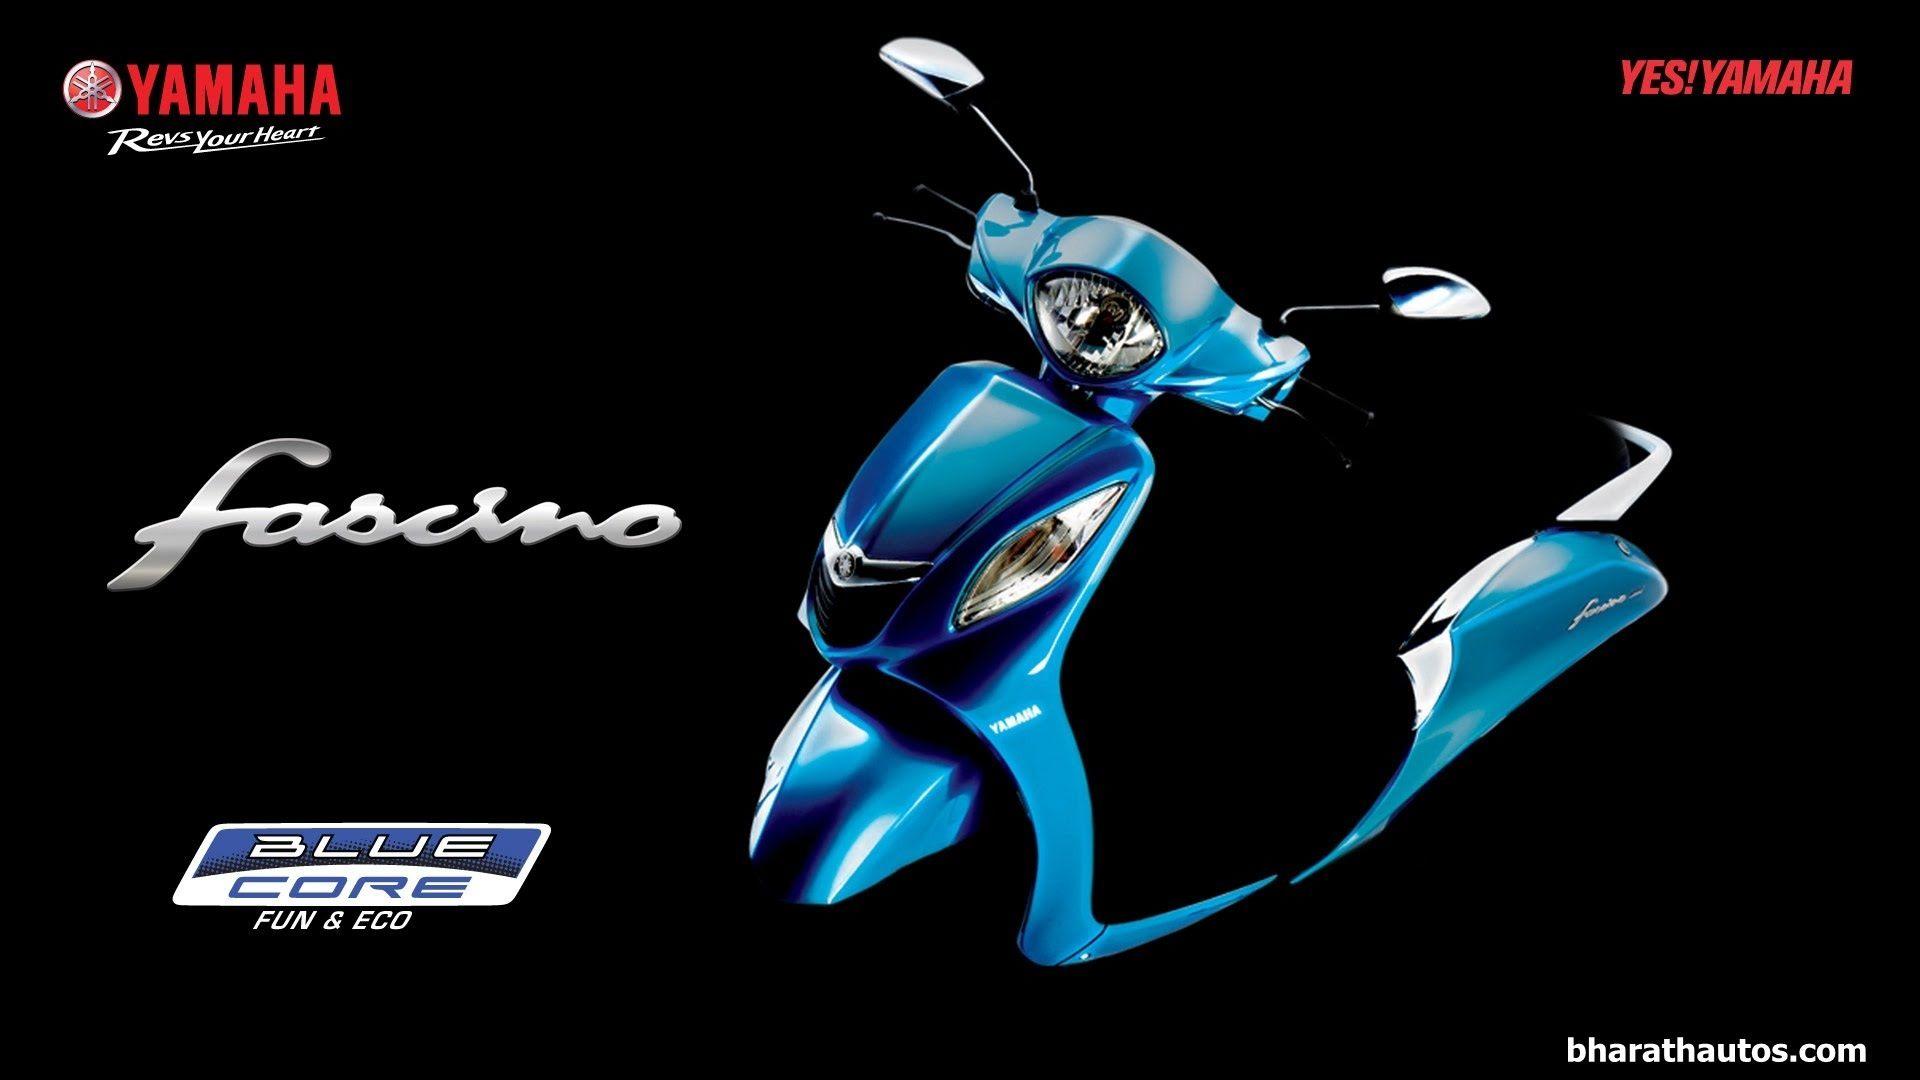 Top Yamaha Motorcycle Showrooms in Edapally, Ernakulam